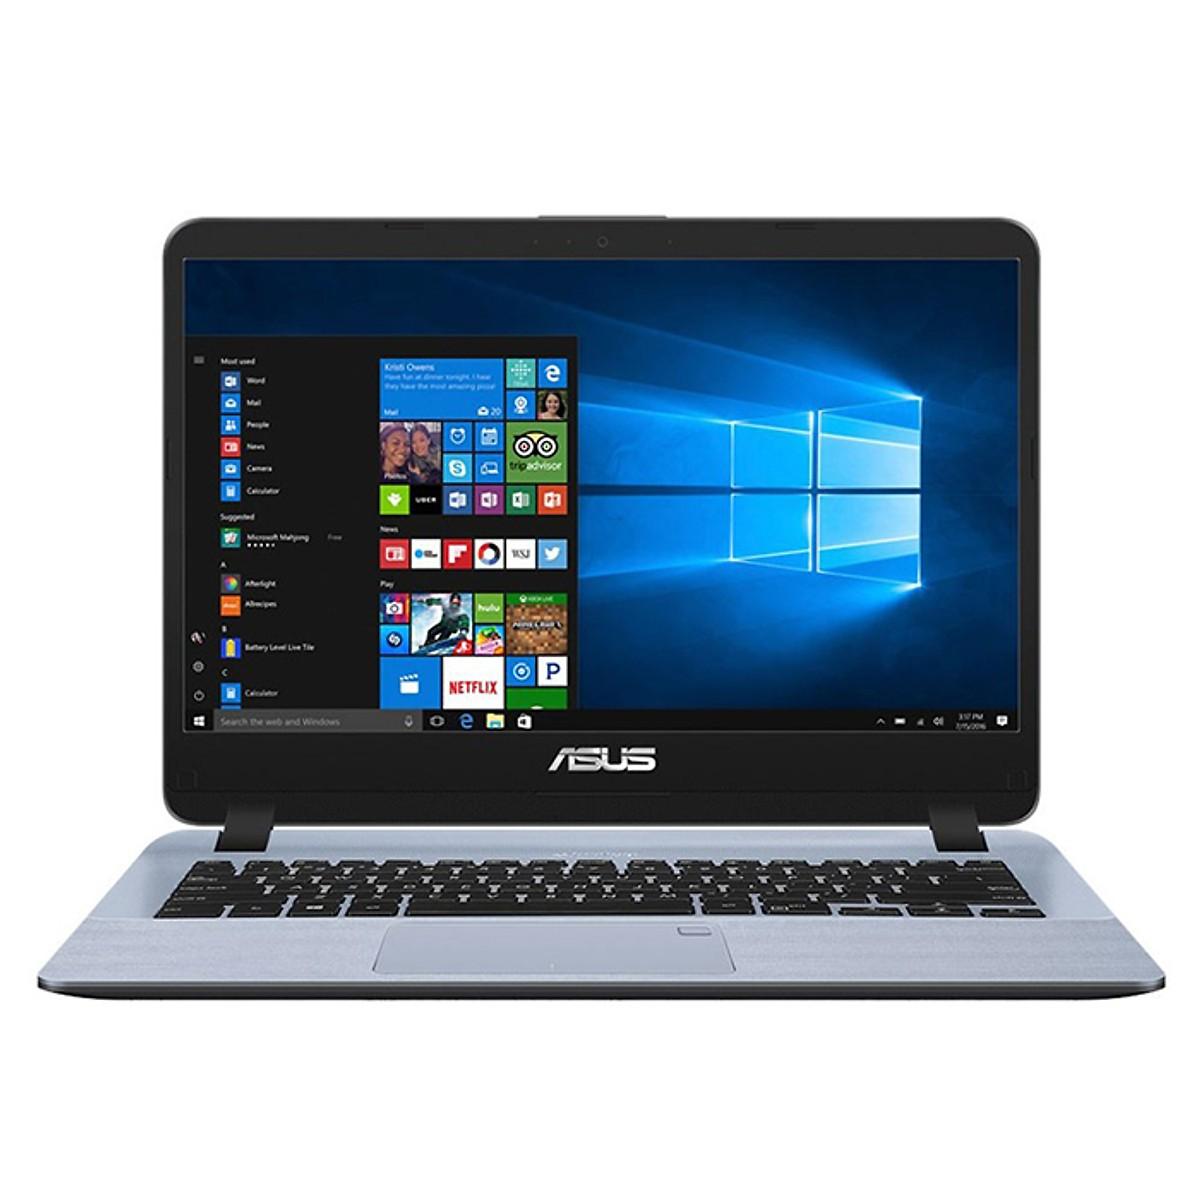 Asus   Máy tính xách tay - Laptop    Laptop Asus Vivobook X407UB-BV343T Core i5-8250U/ Win10 (14 inc